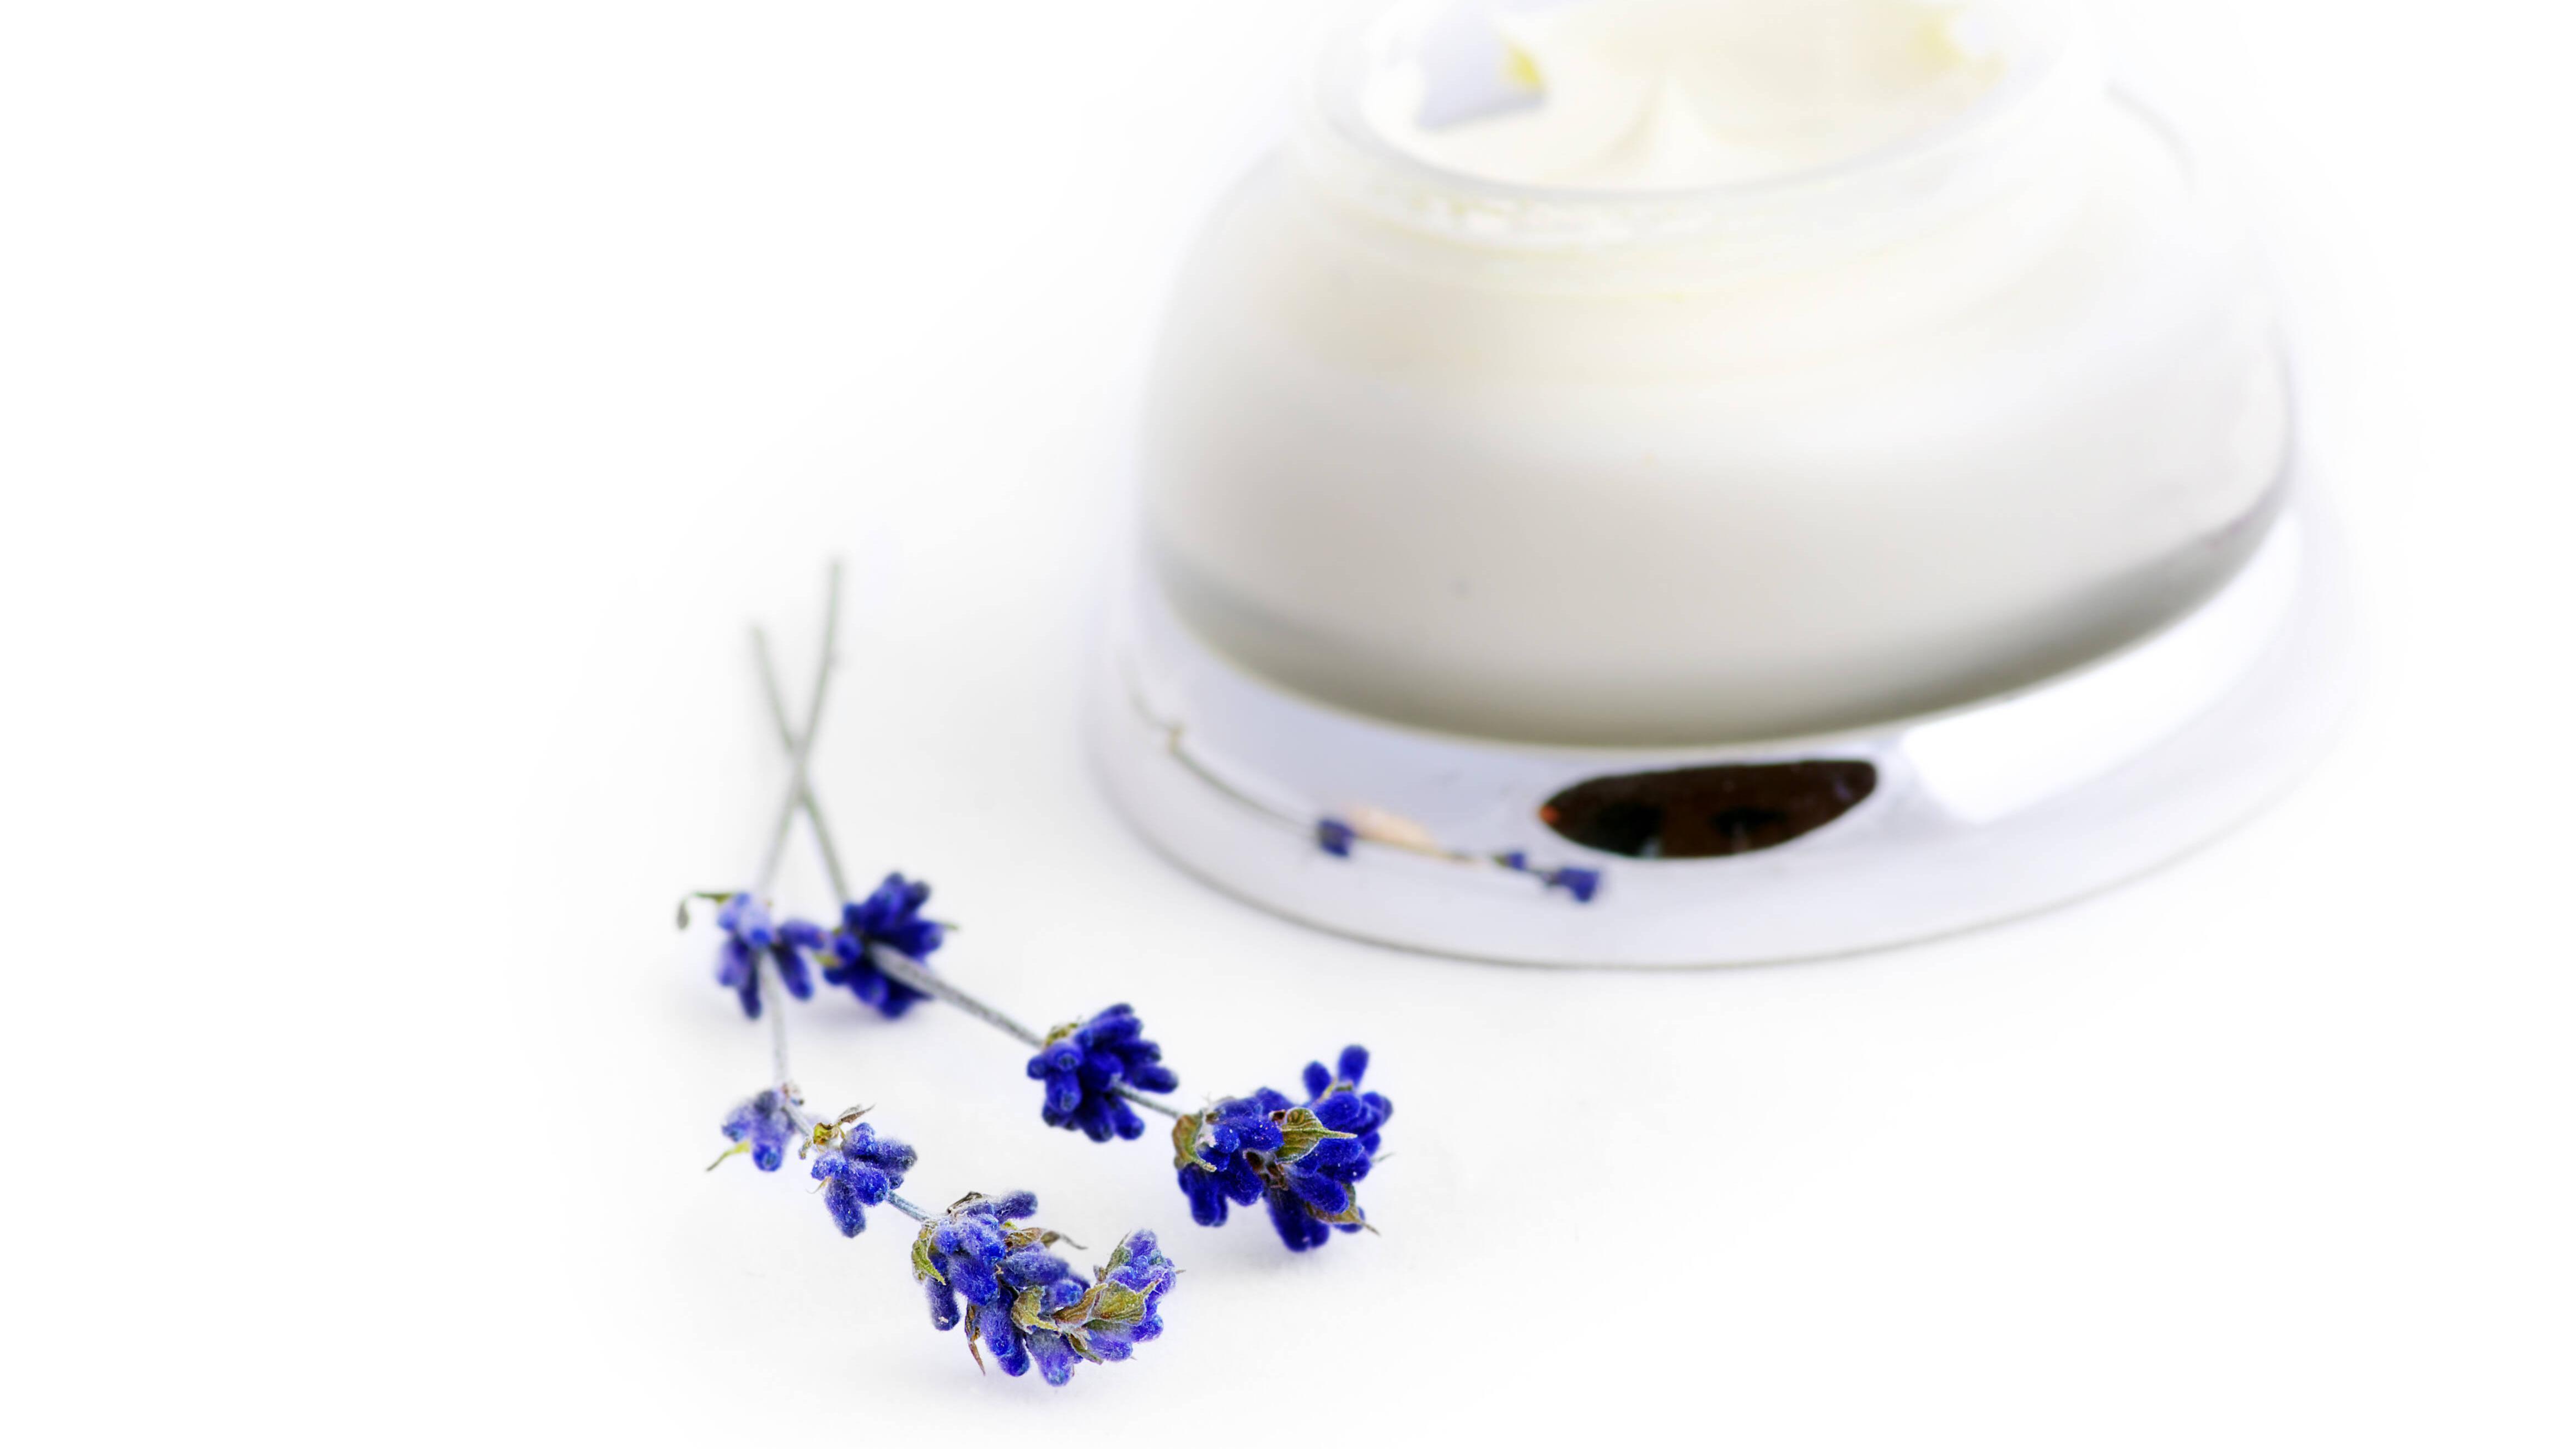 Lavendelöl-Salbe beruhigt Körper und Seele.